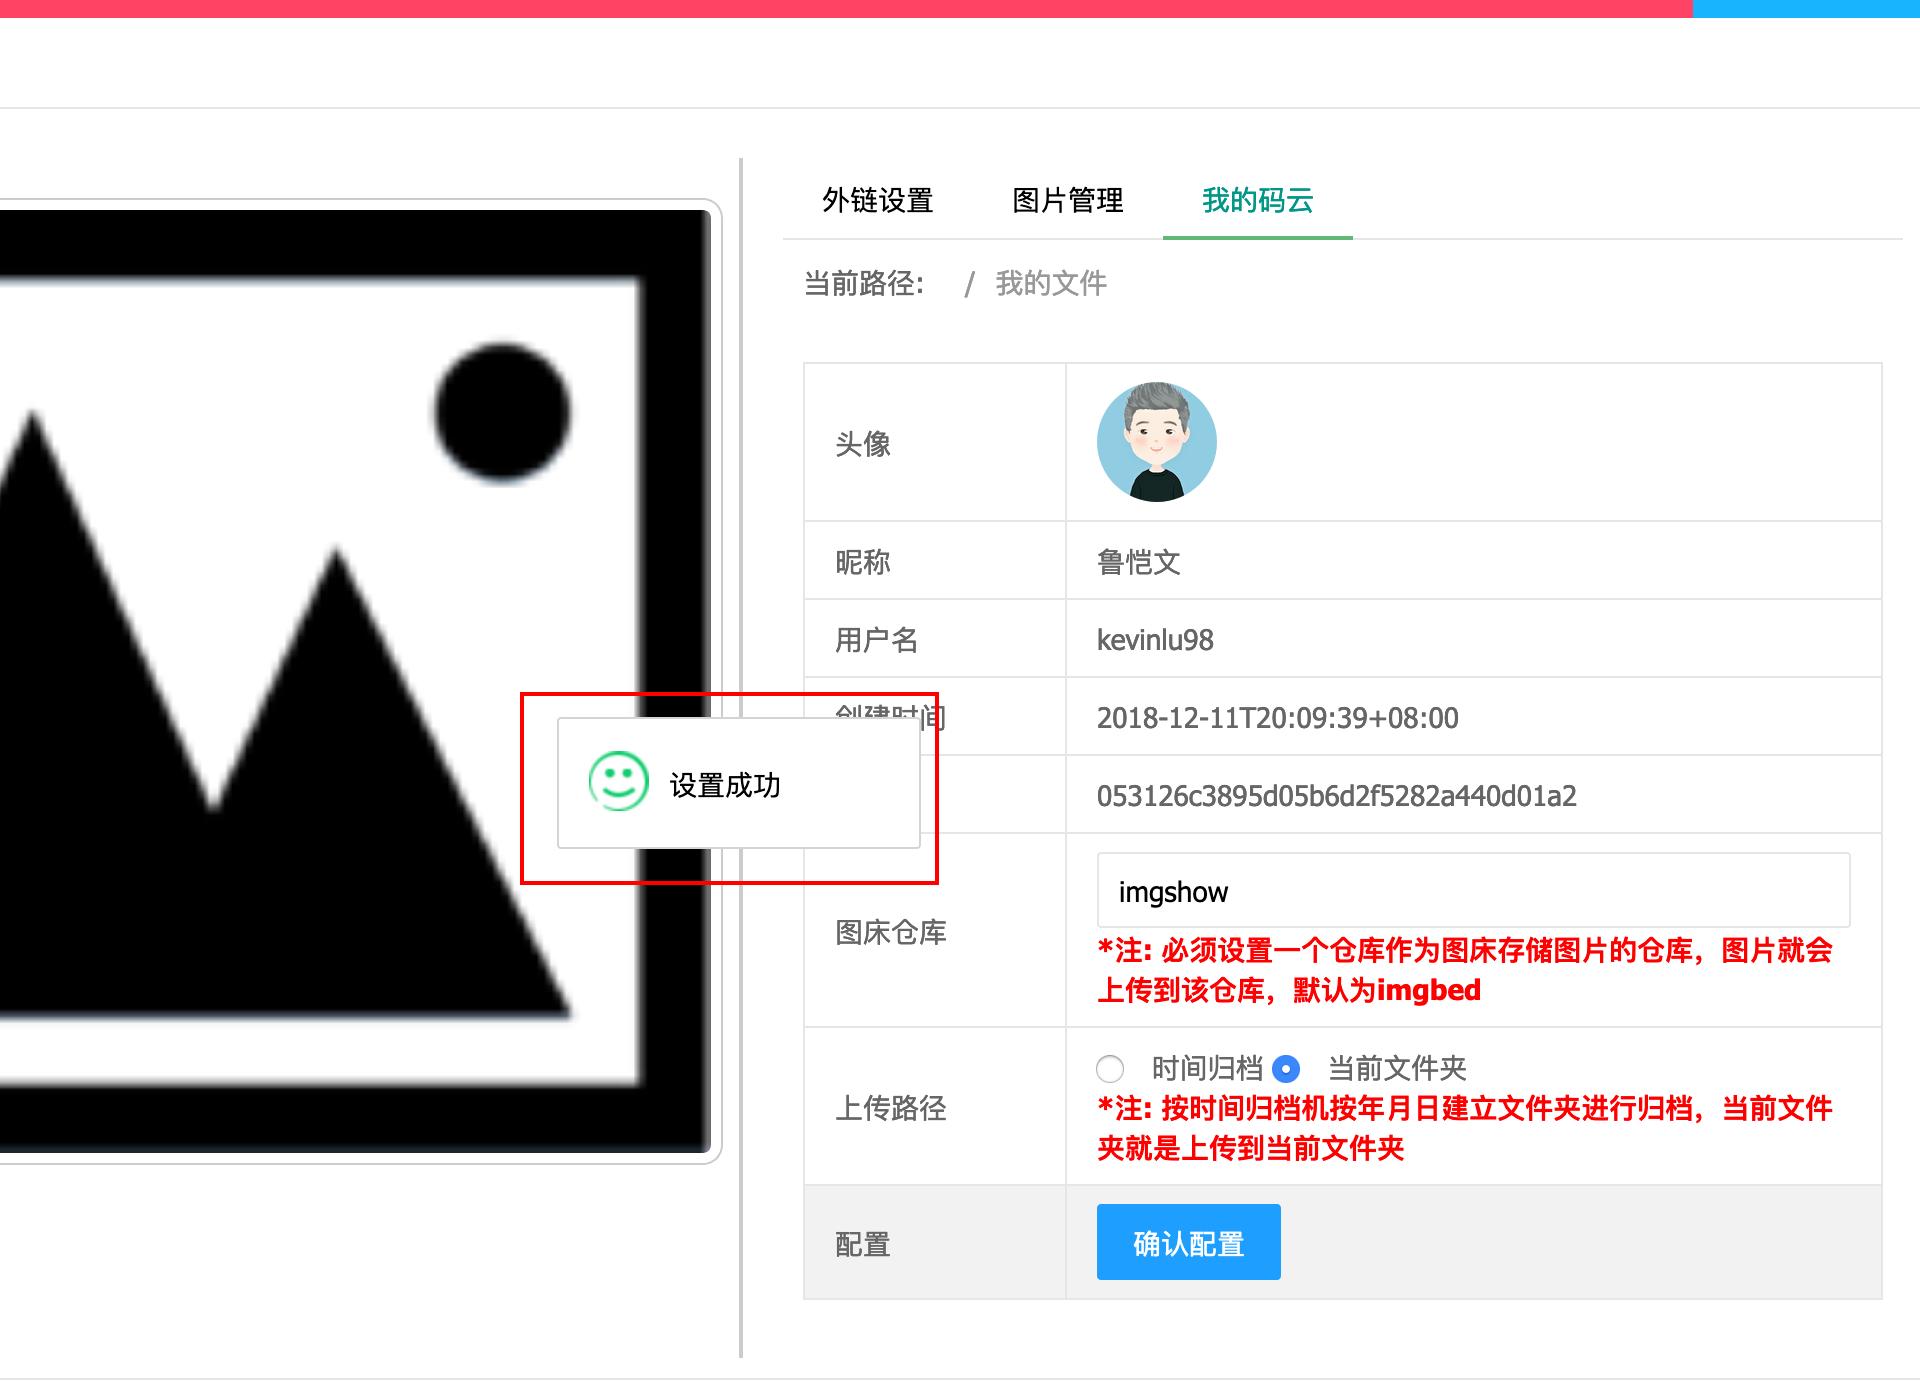 https://imagebed-1252410096.cos.ap-nanjing.myqcloud.com/20210324/a02d1e3e6b61412385718edb1a1d9f3f.png